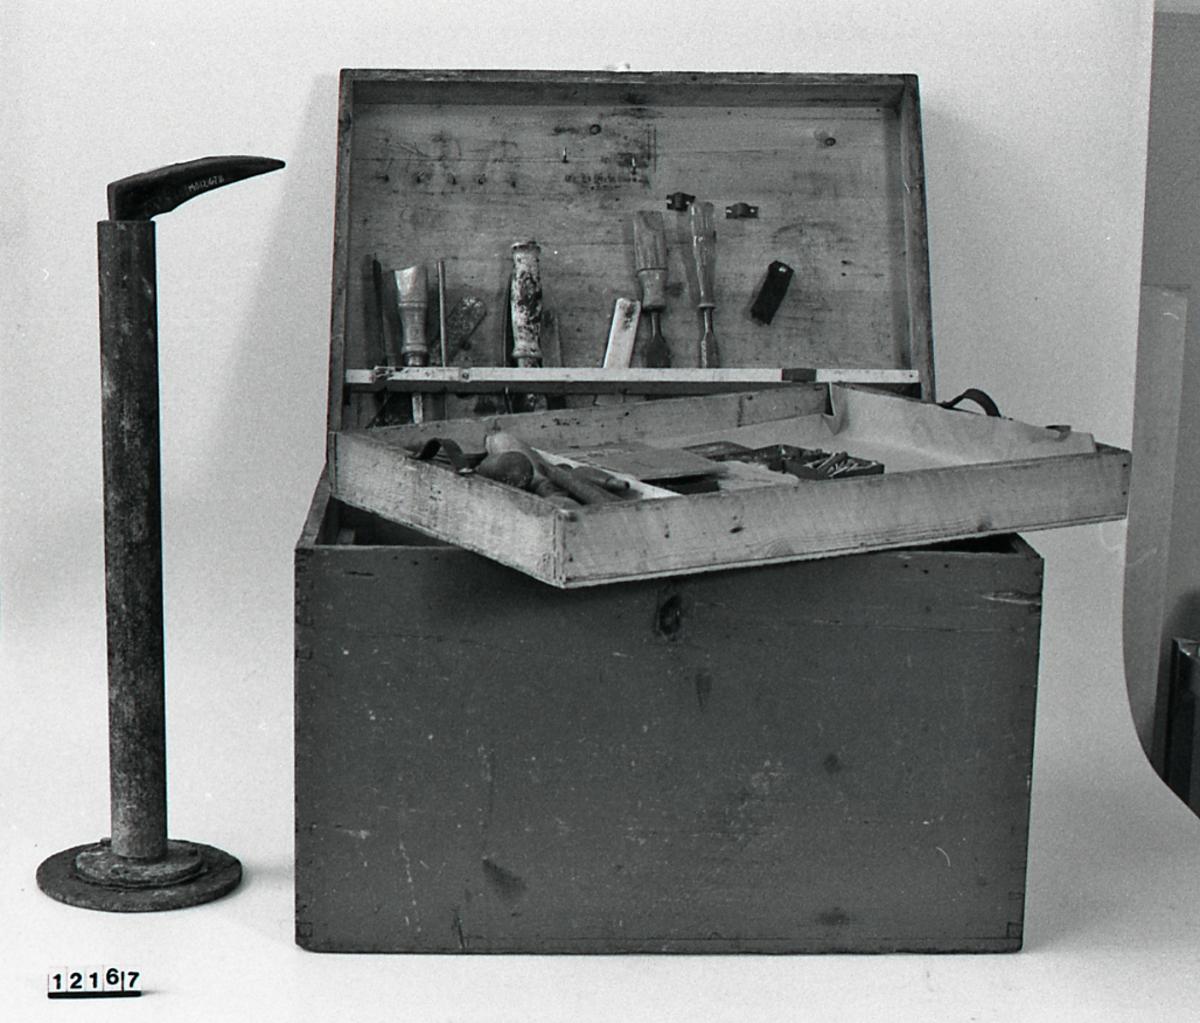 Skomakerkasse med verktøy og utstyr.